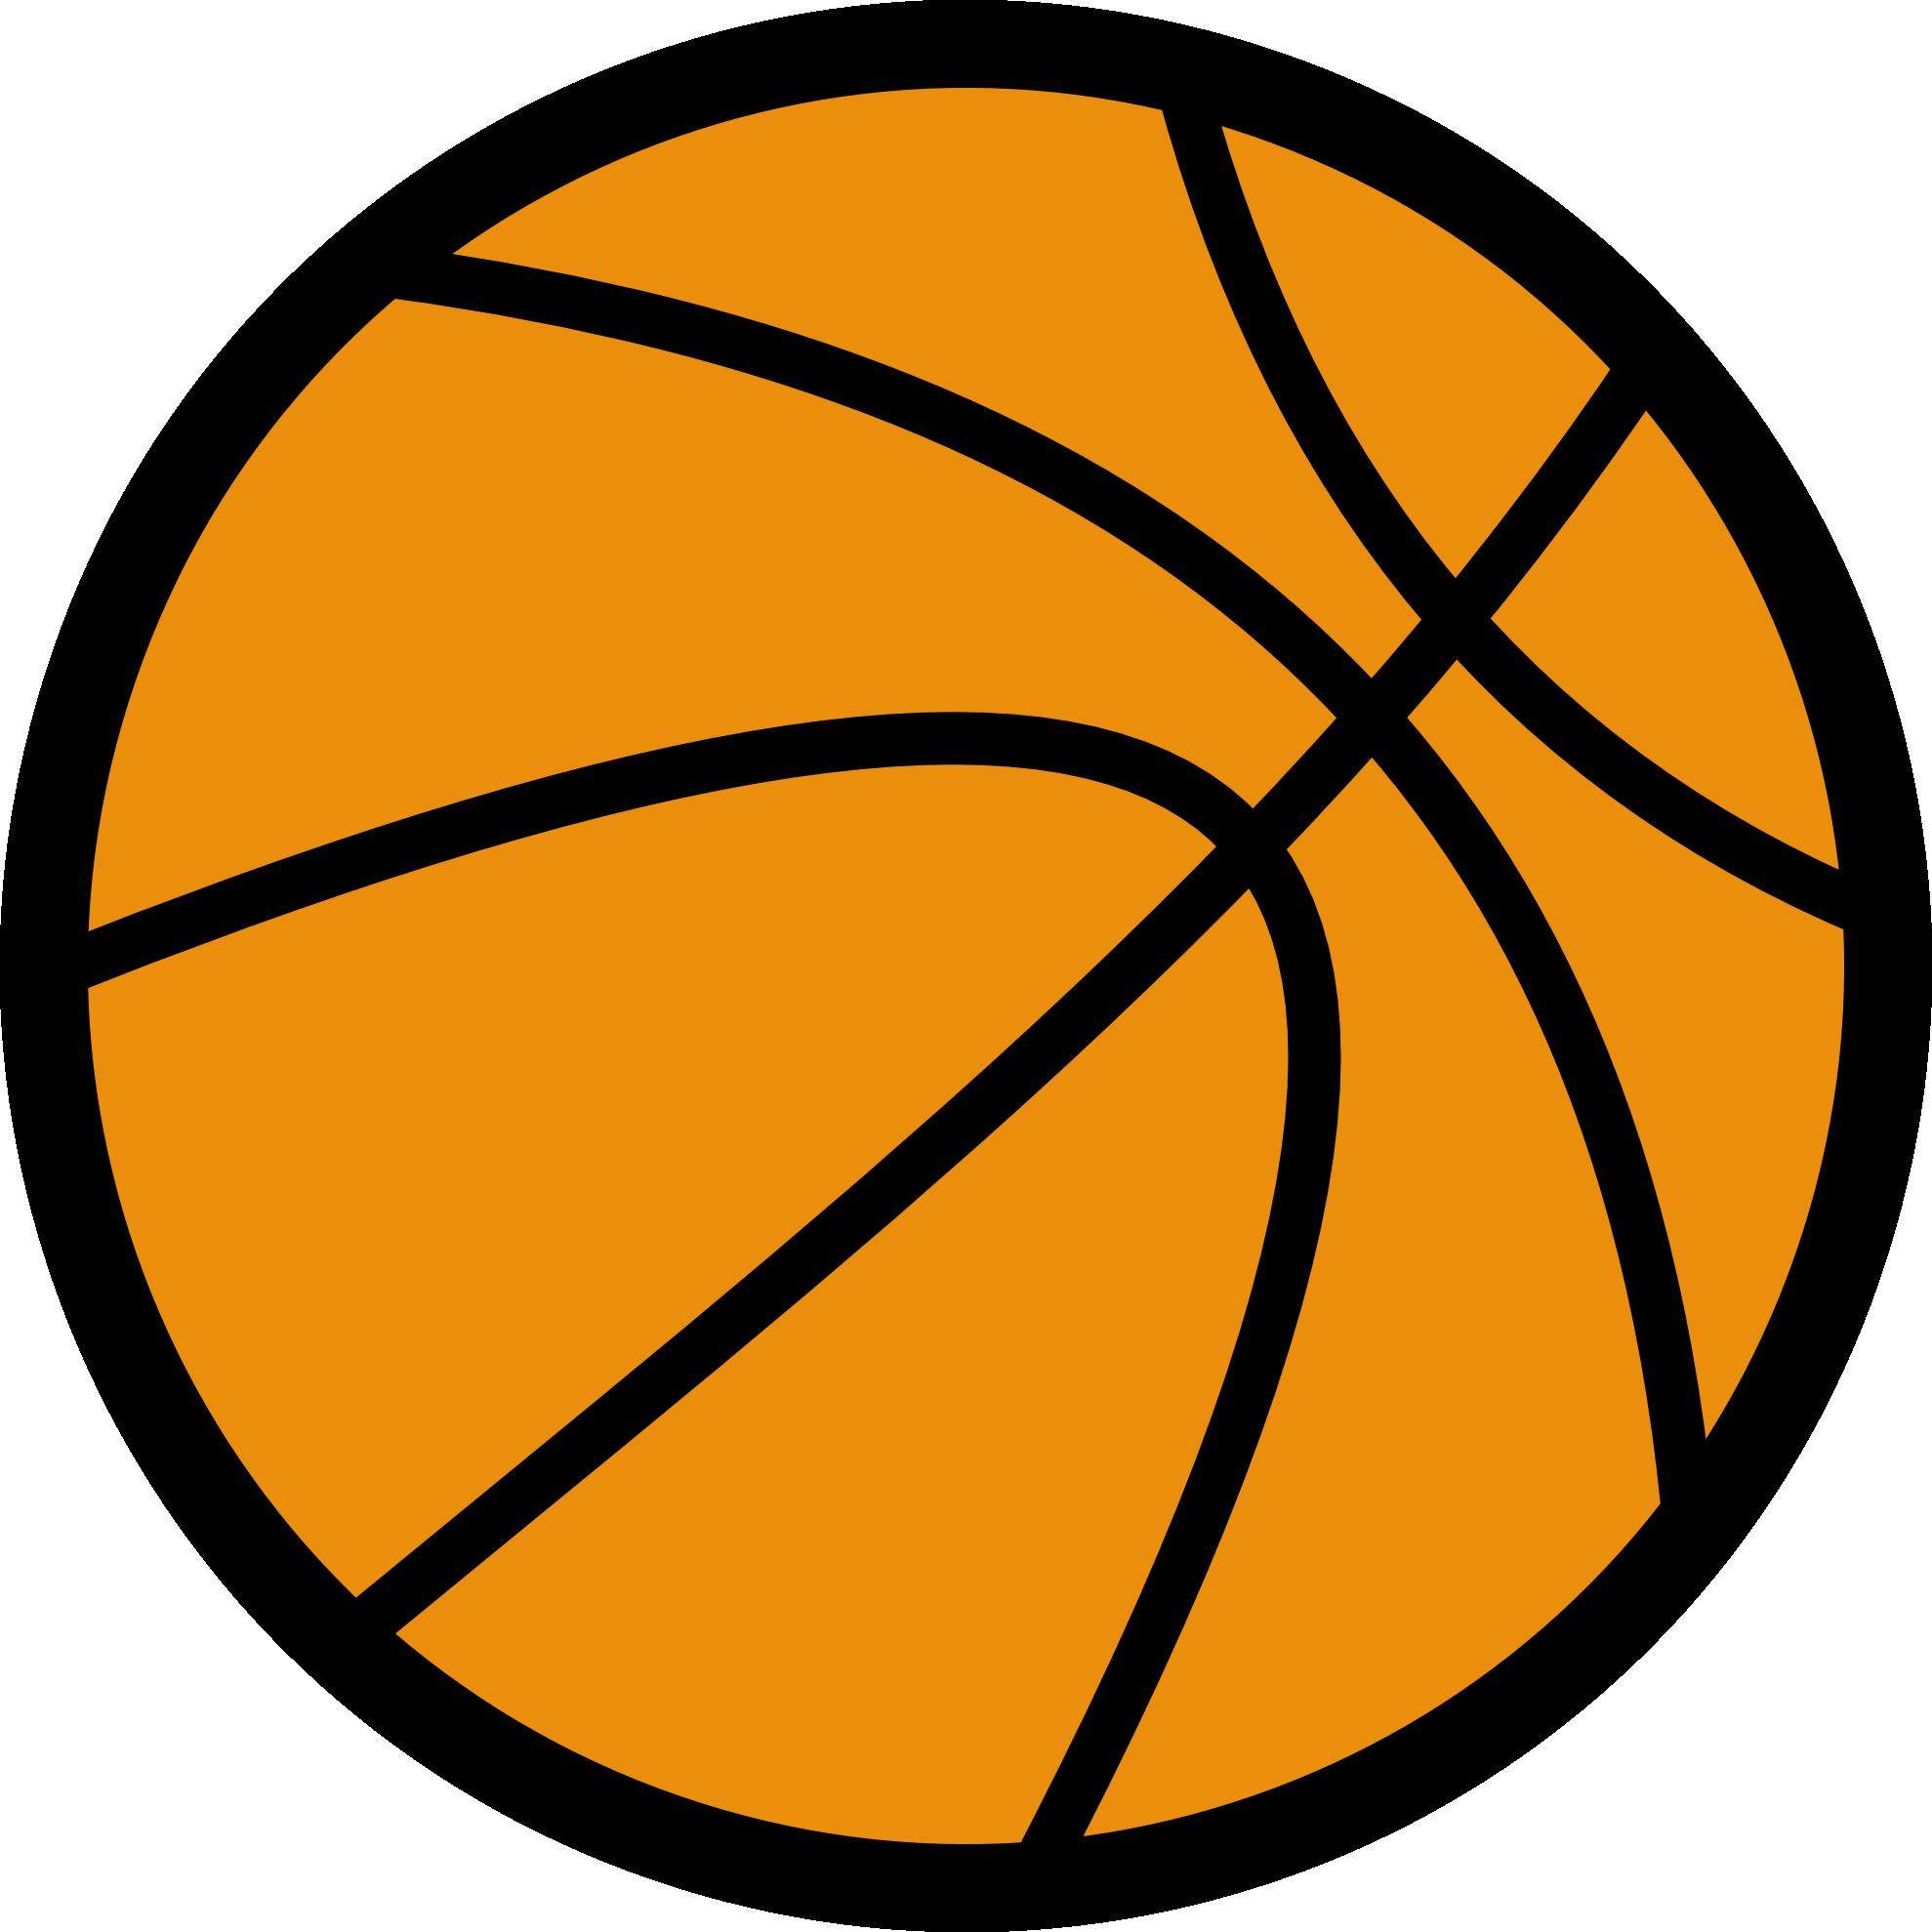 Basketball Logos Clip Art - ClipArt Best